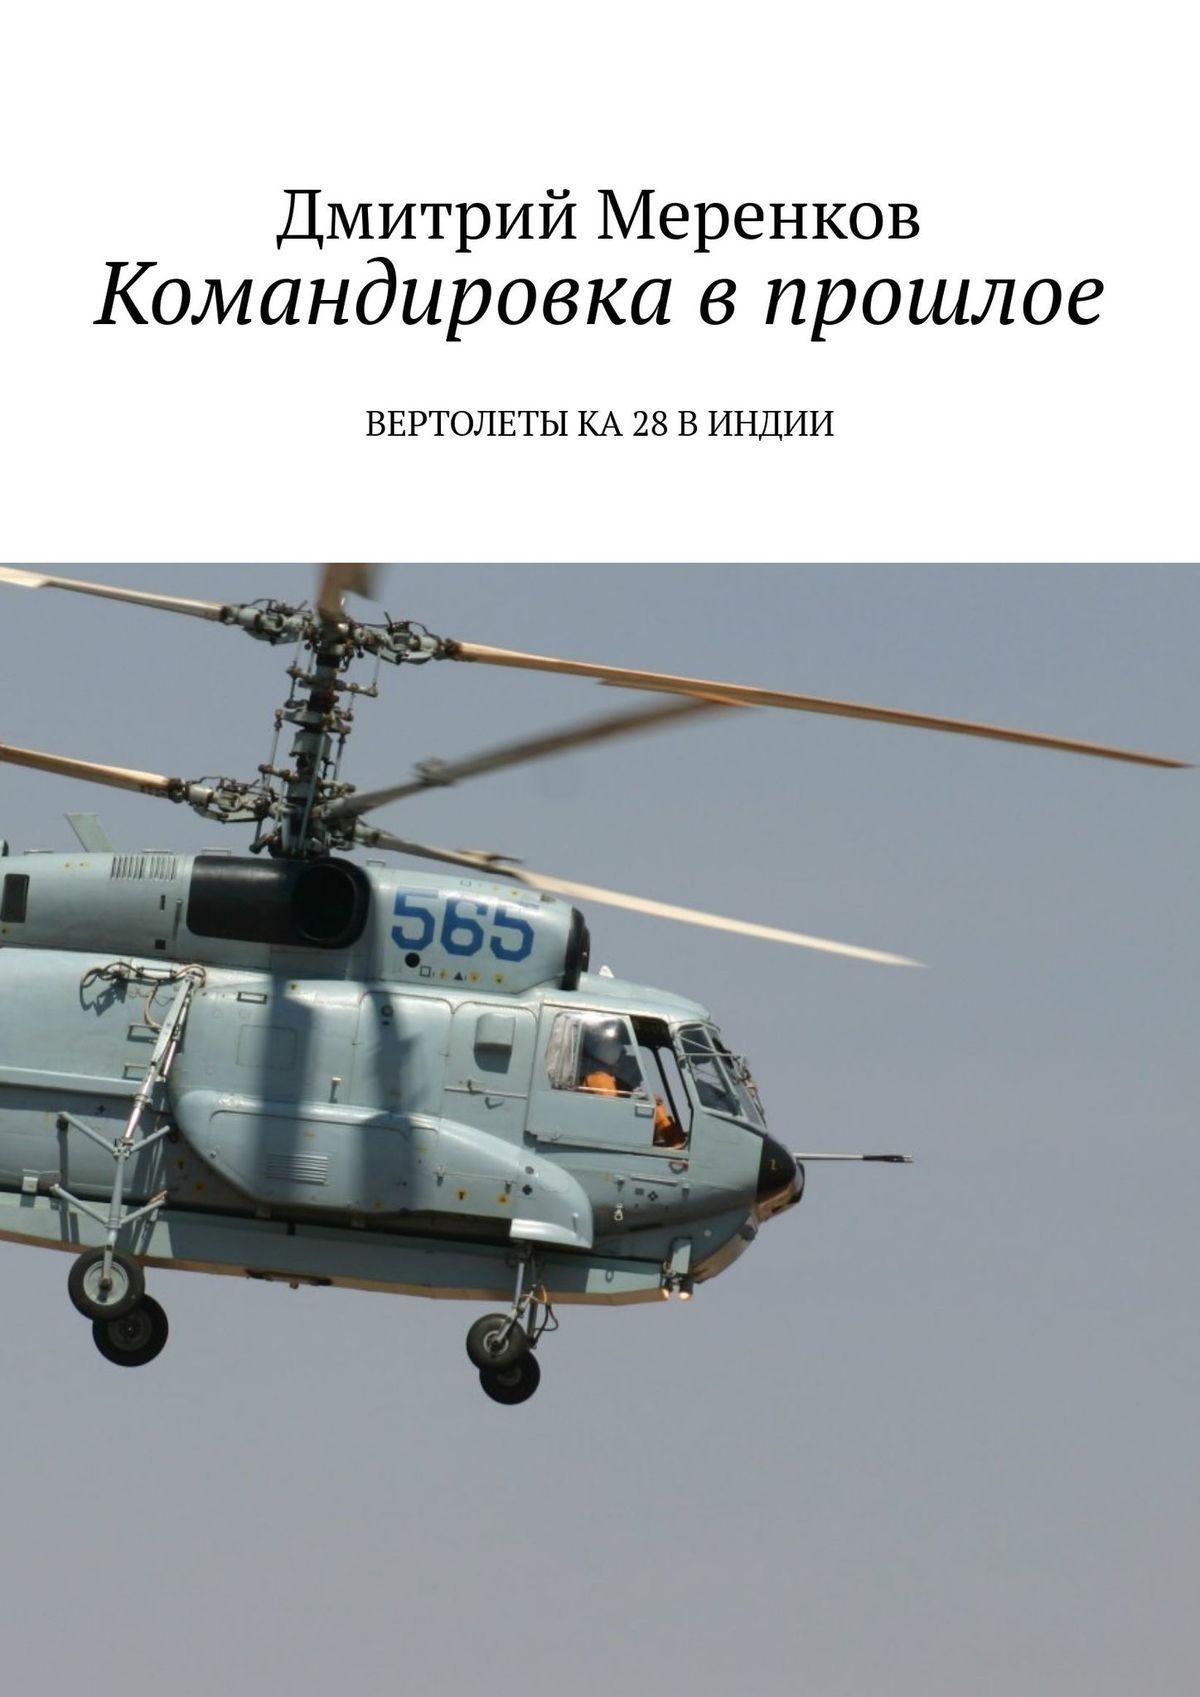 Дмитрий Николаевич Меренков Командировка впрошлое. Вертолеты Ка-28 в Индии вертолеты югославии